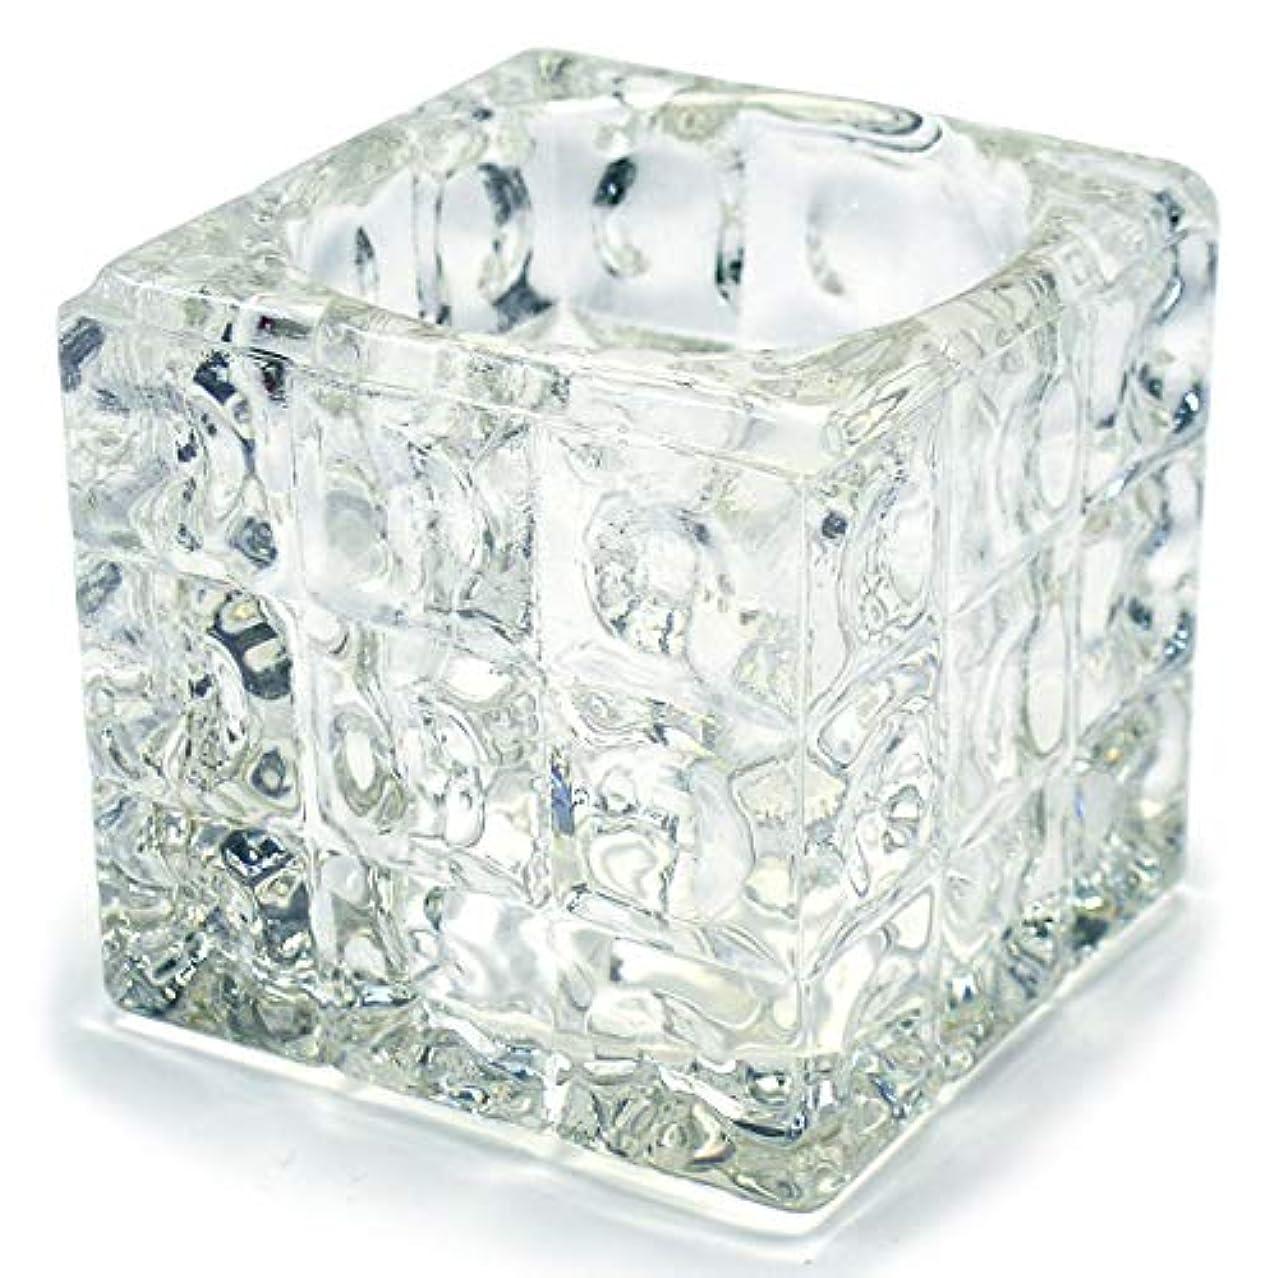 ファックス驚くべきジャズキャンドルホルダー ガラス 2 キャンドルスタンド クリスマス ティーキャンドル 誕生日 記念日